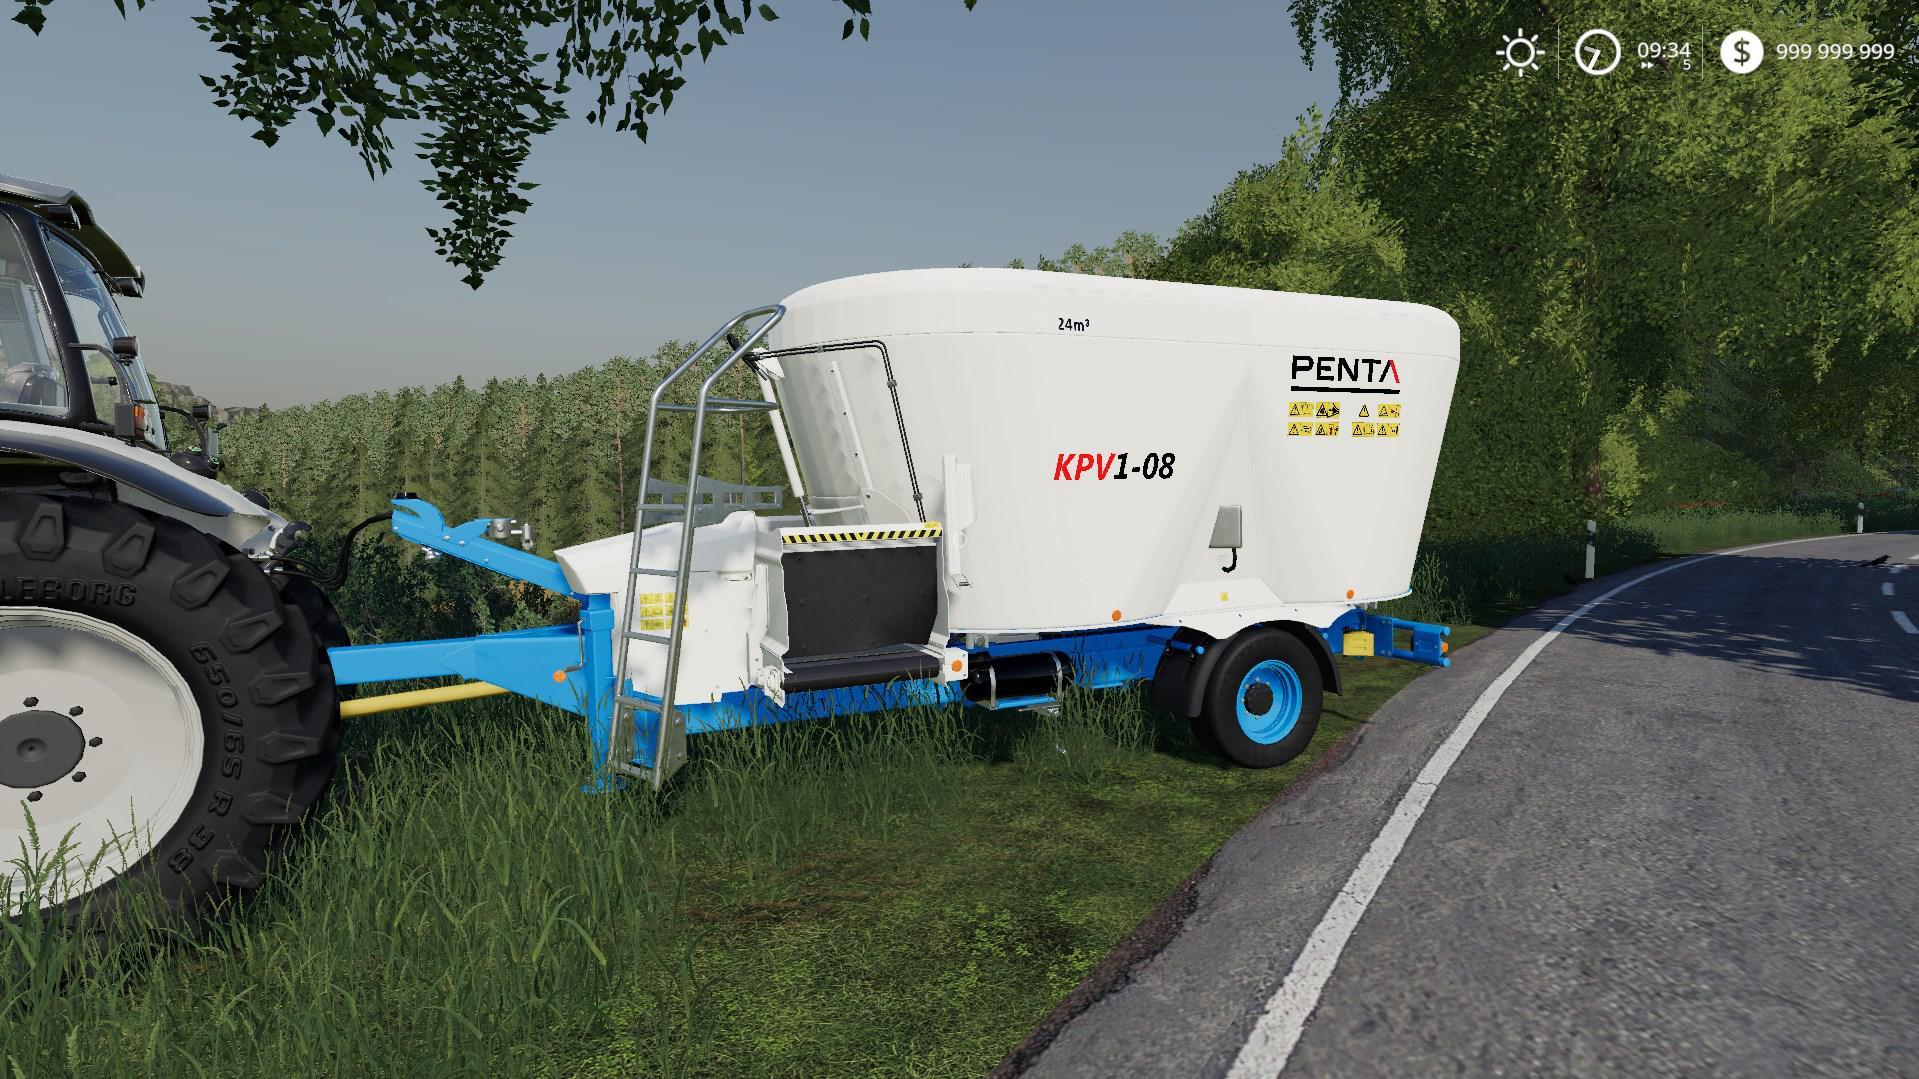 FS19 - Penta KPV1-08 V1.0